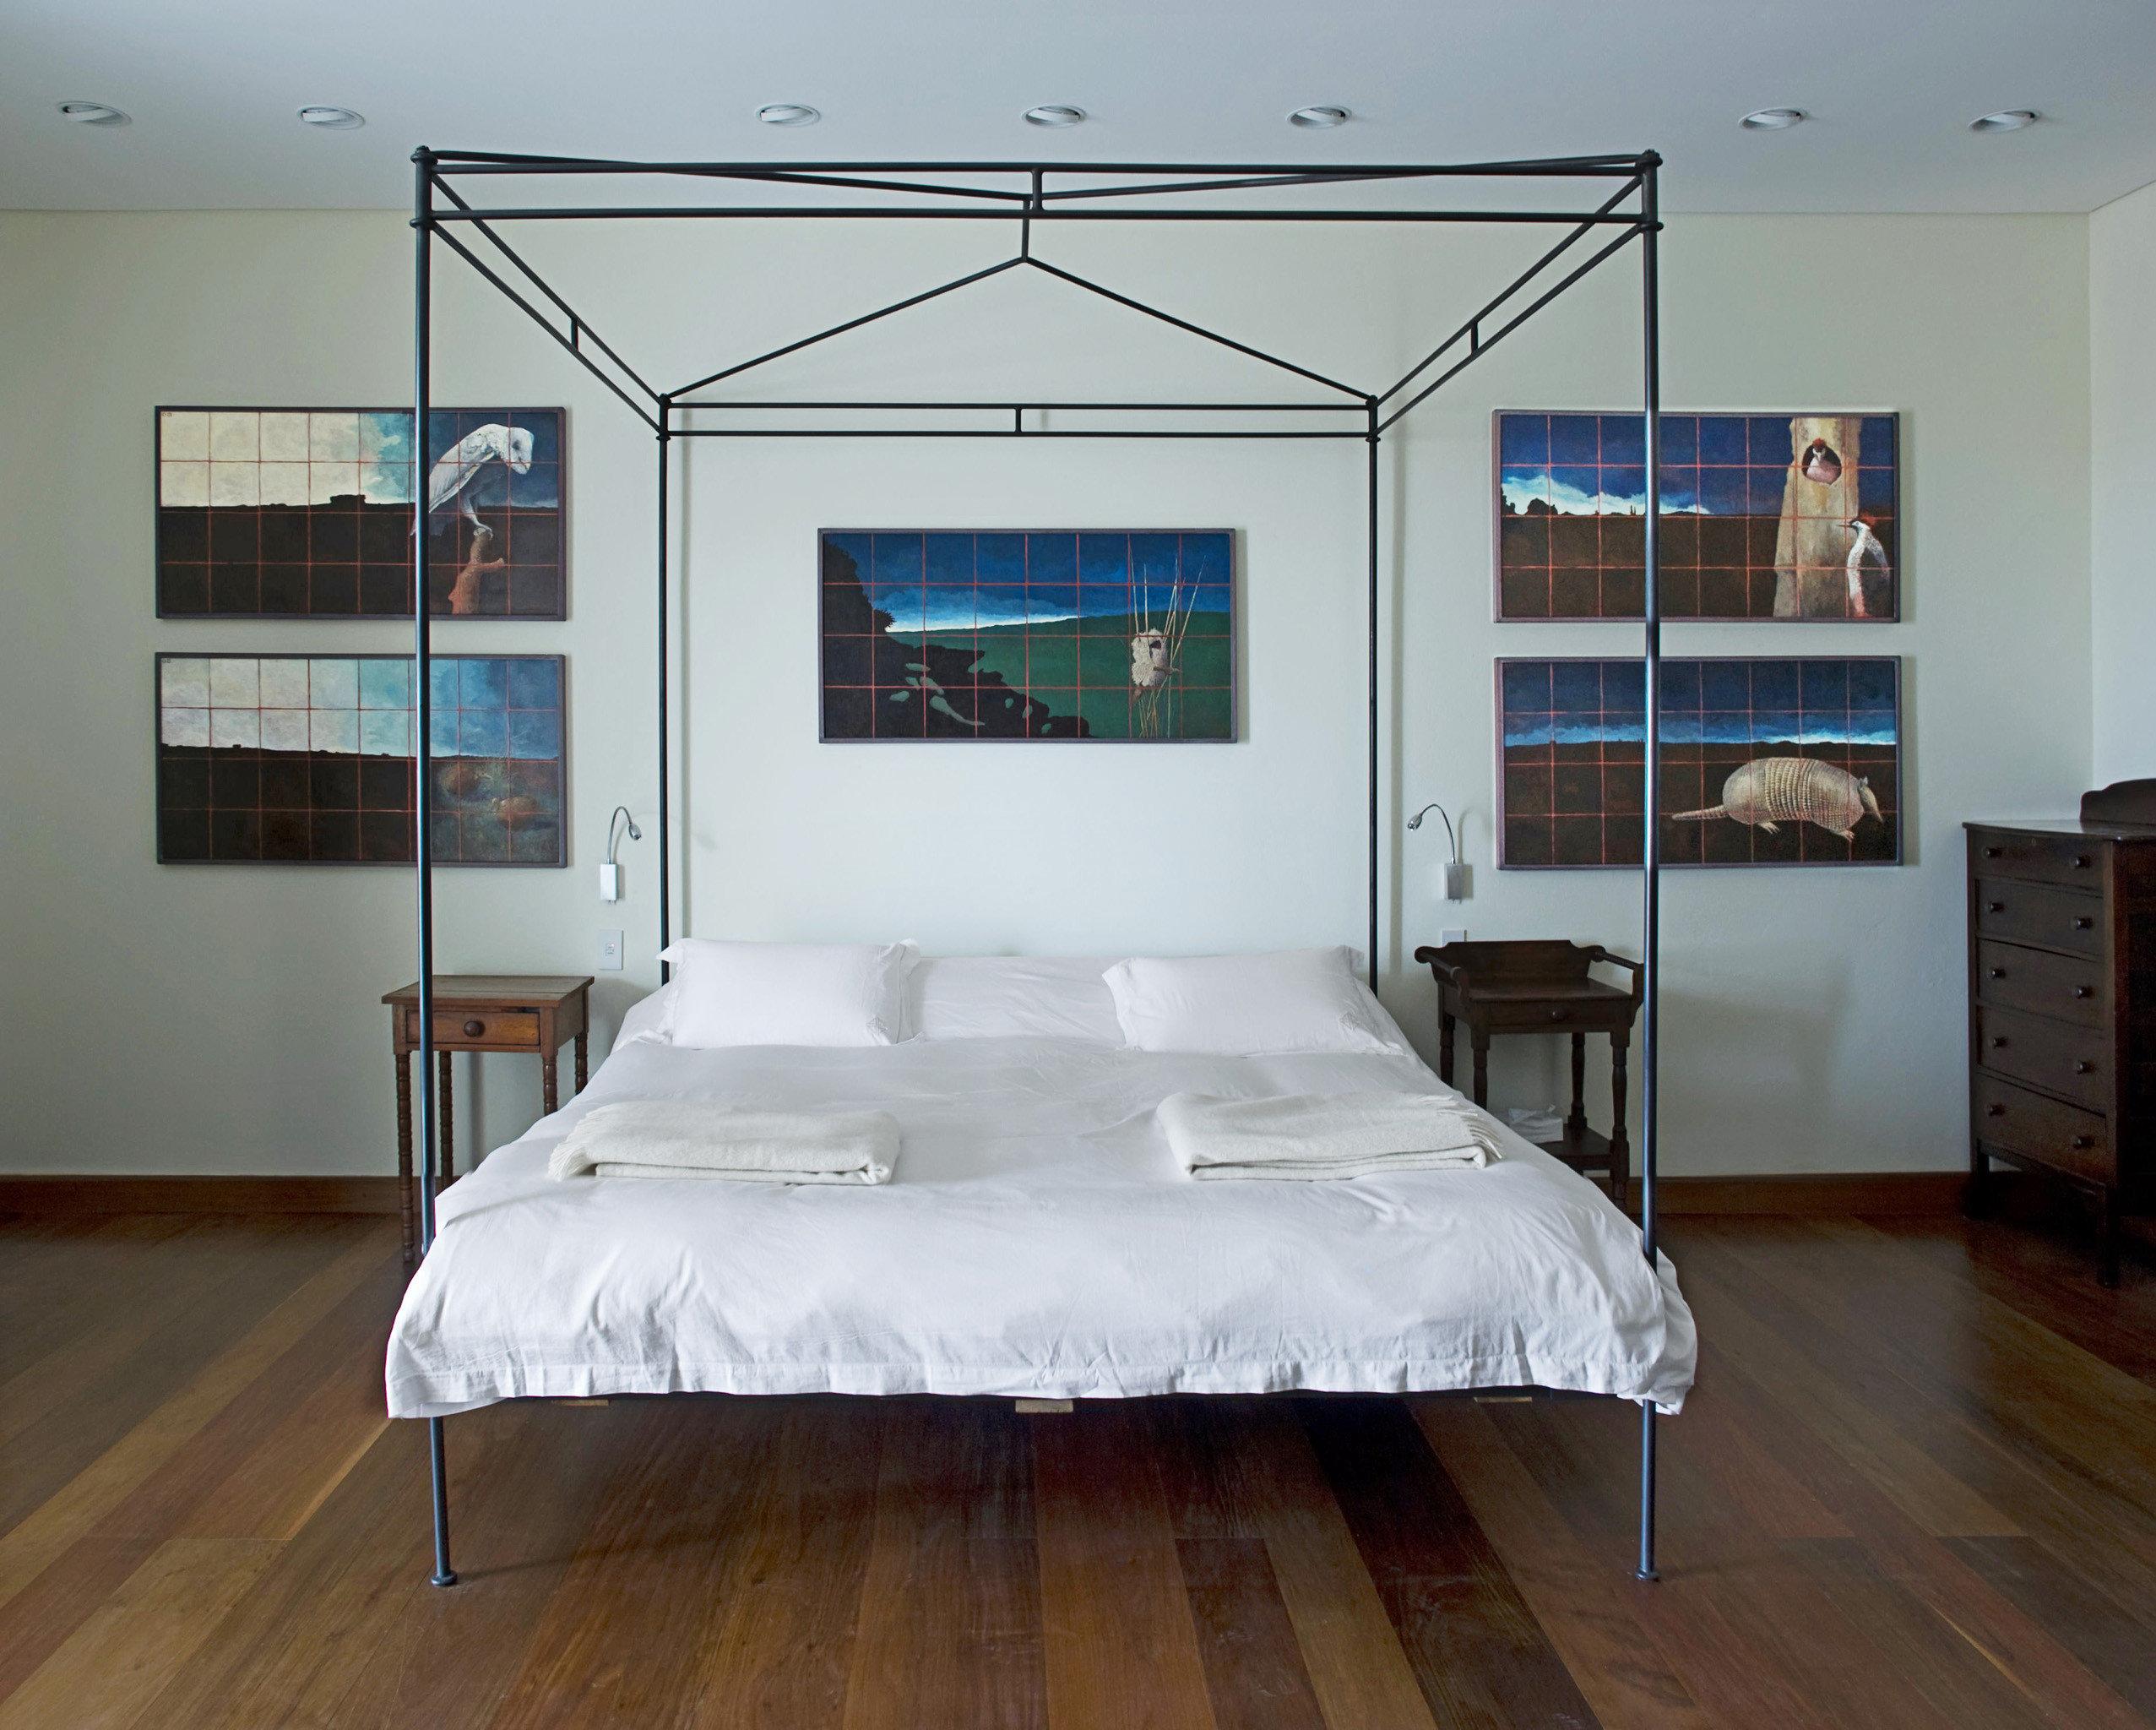 Bedroom Modern Suite property living room home bed frame cottage loft